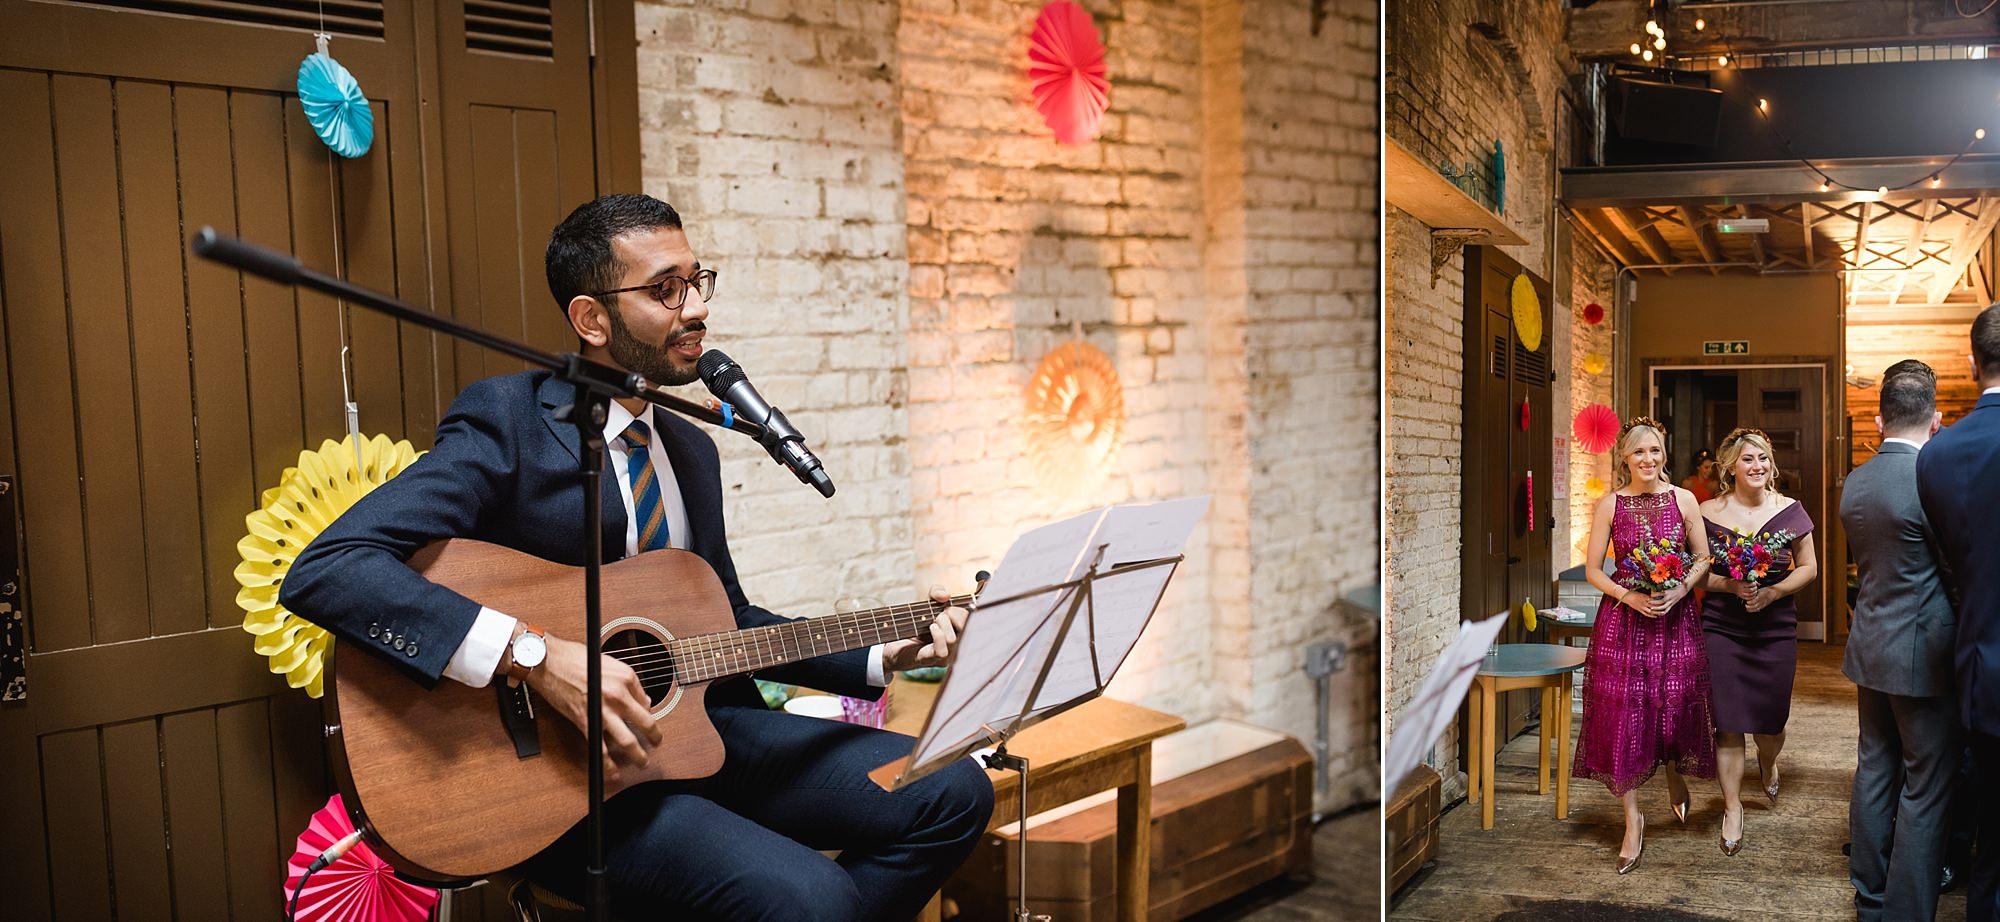 Fun London Wedding a musician sings as bridesmaids walk down the aisle